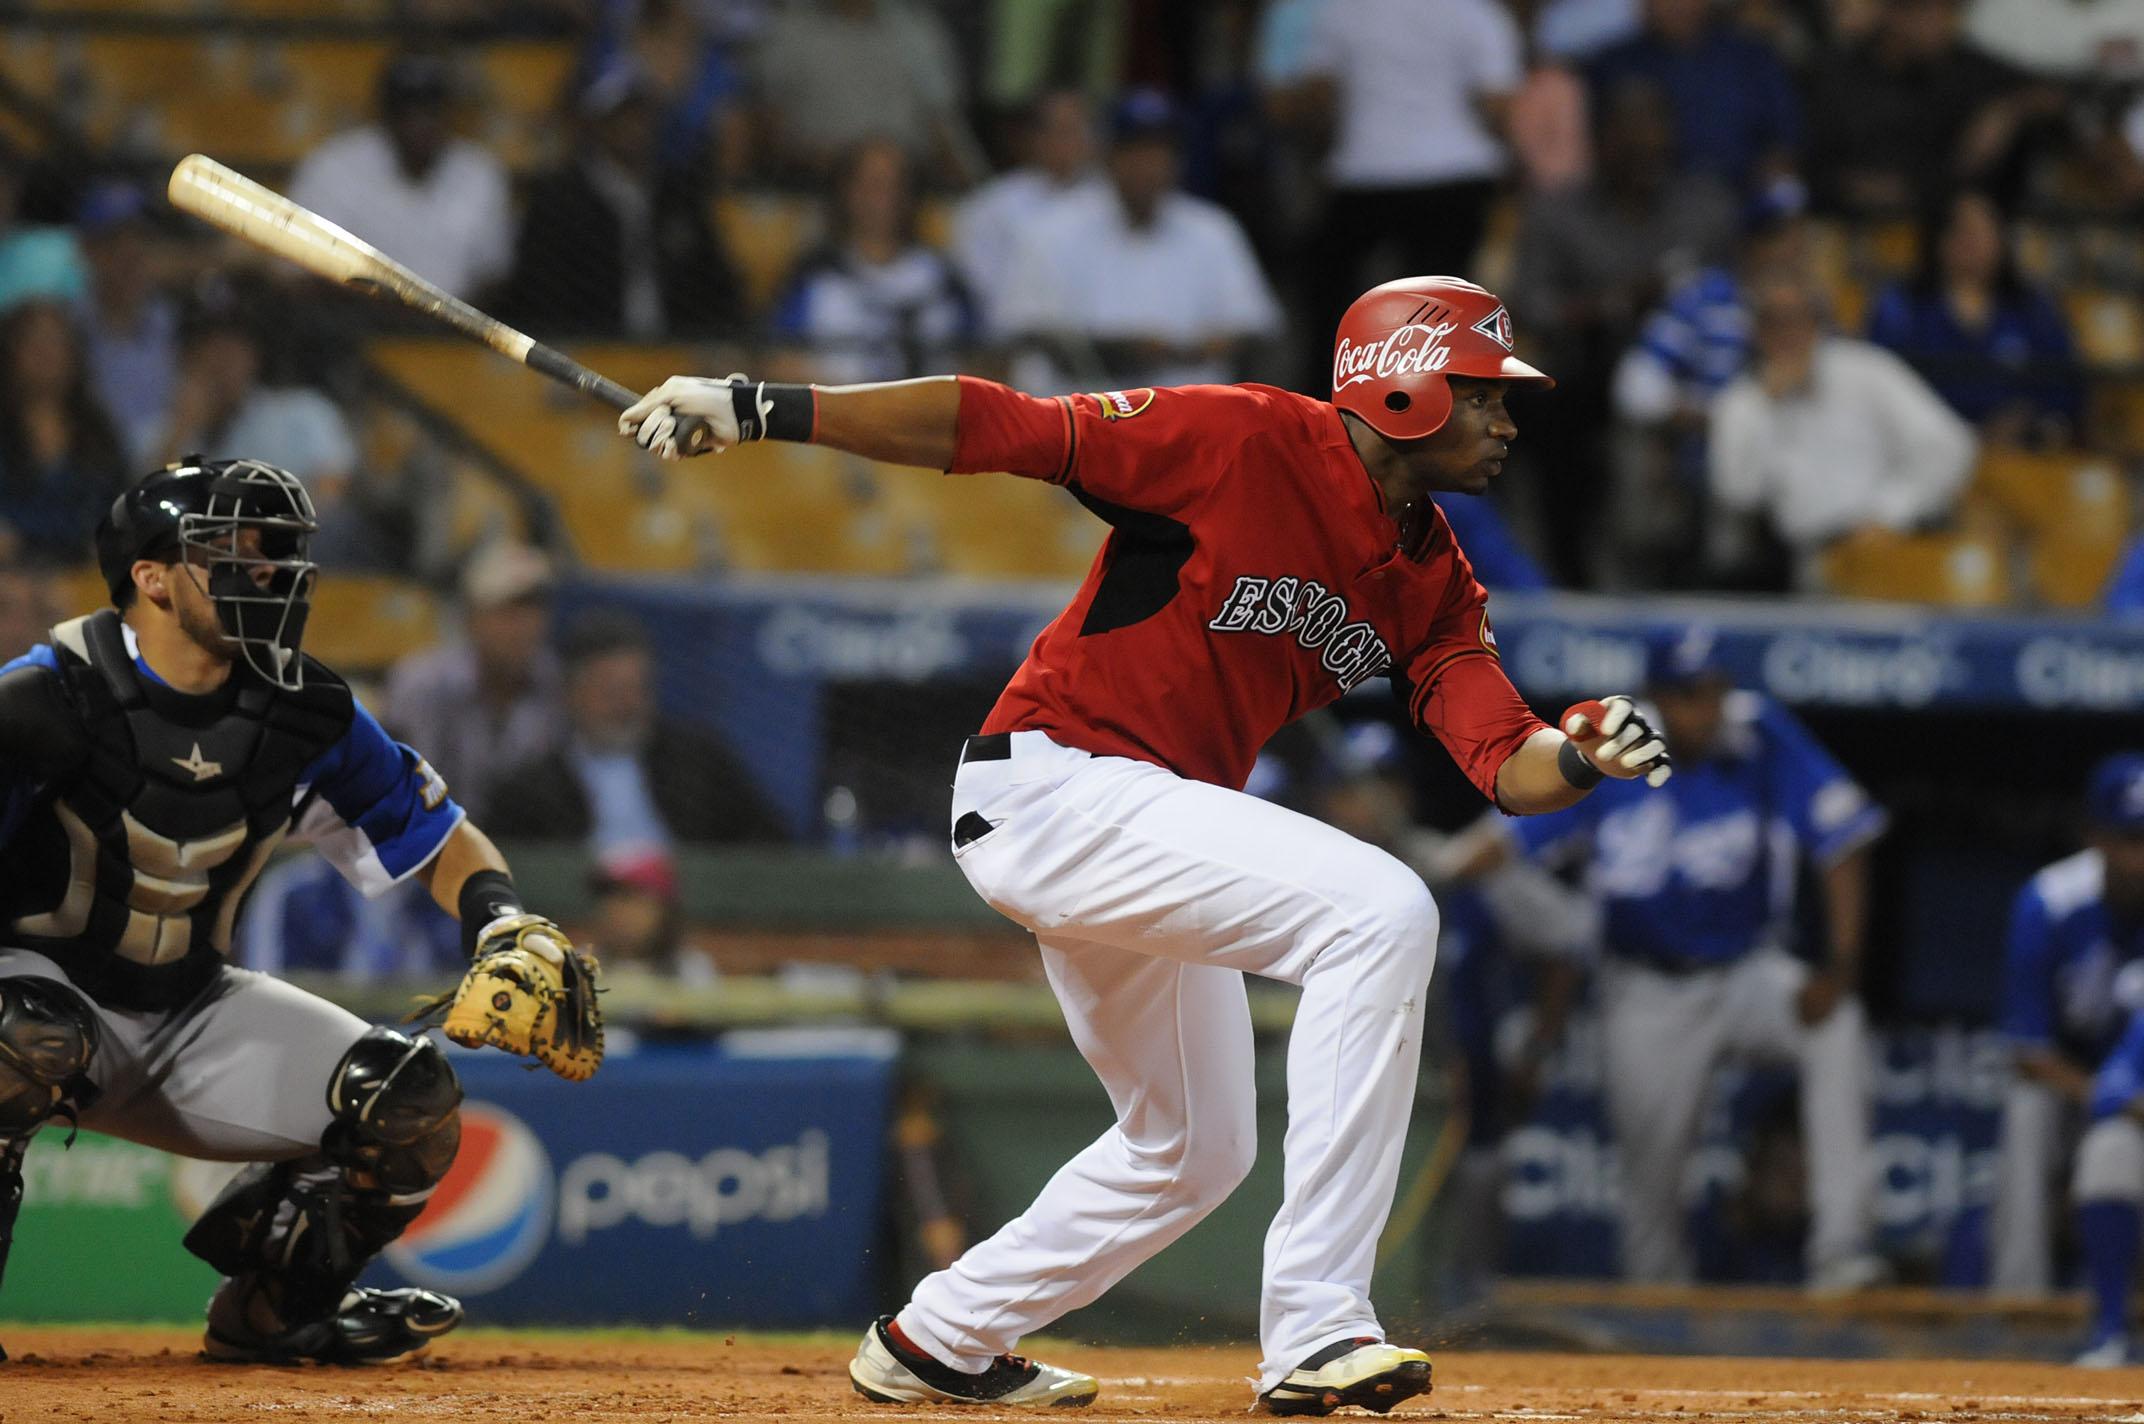 Con la ayuda de dos coaches, Gregory Polanco busca resurgir con el bate para los Piratas